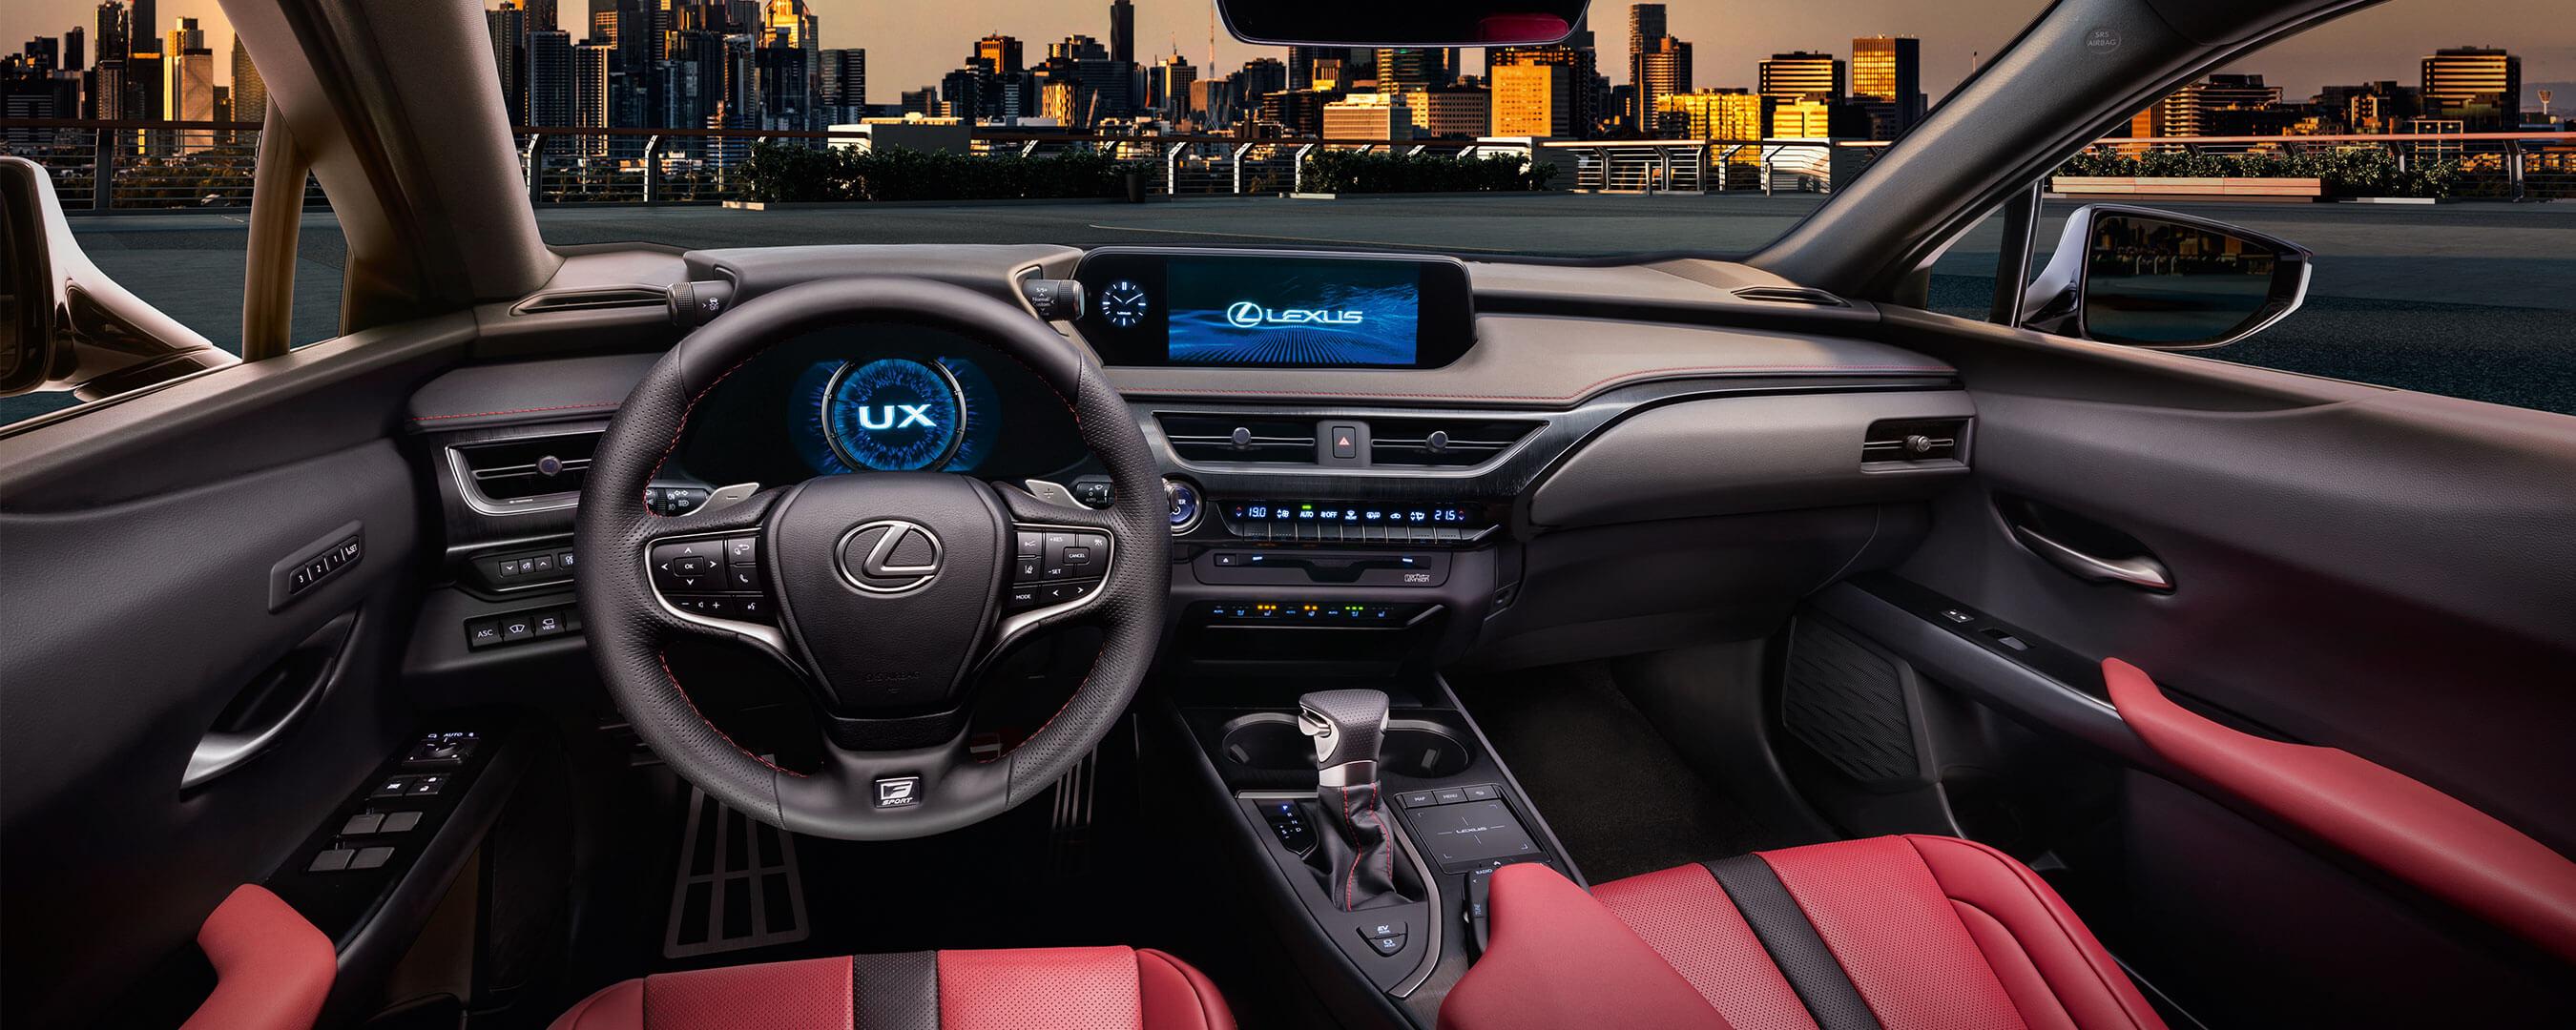 Resultado de imagen de lexus ux 250h interior